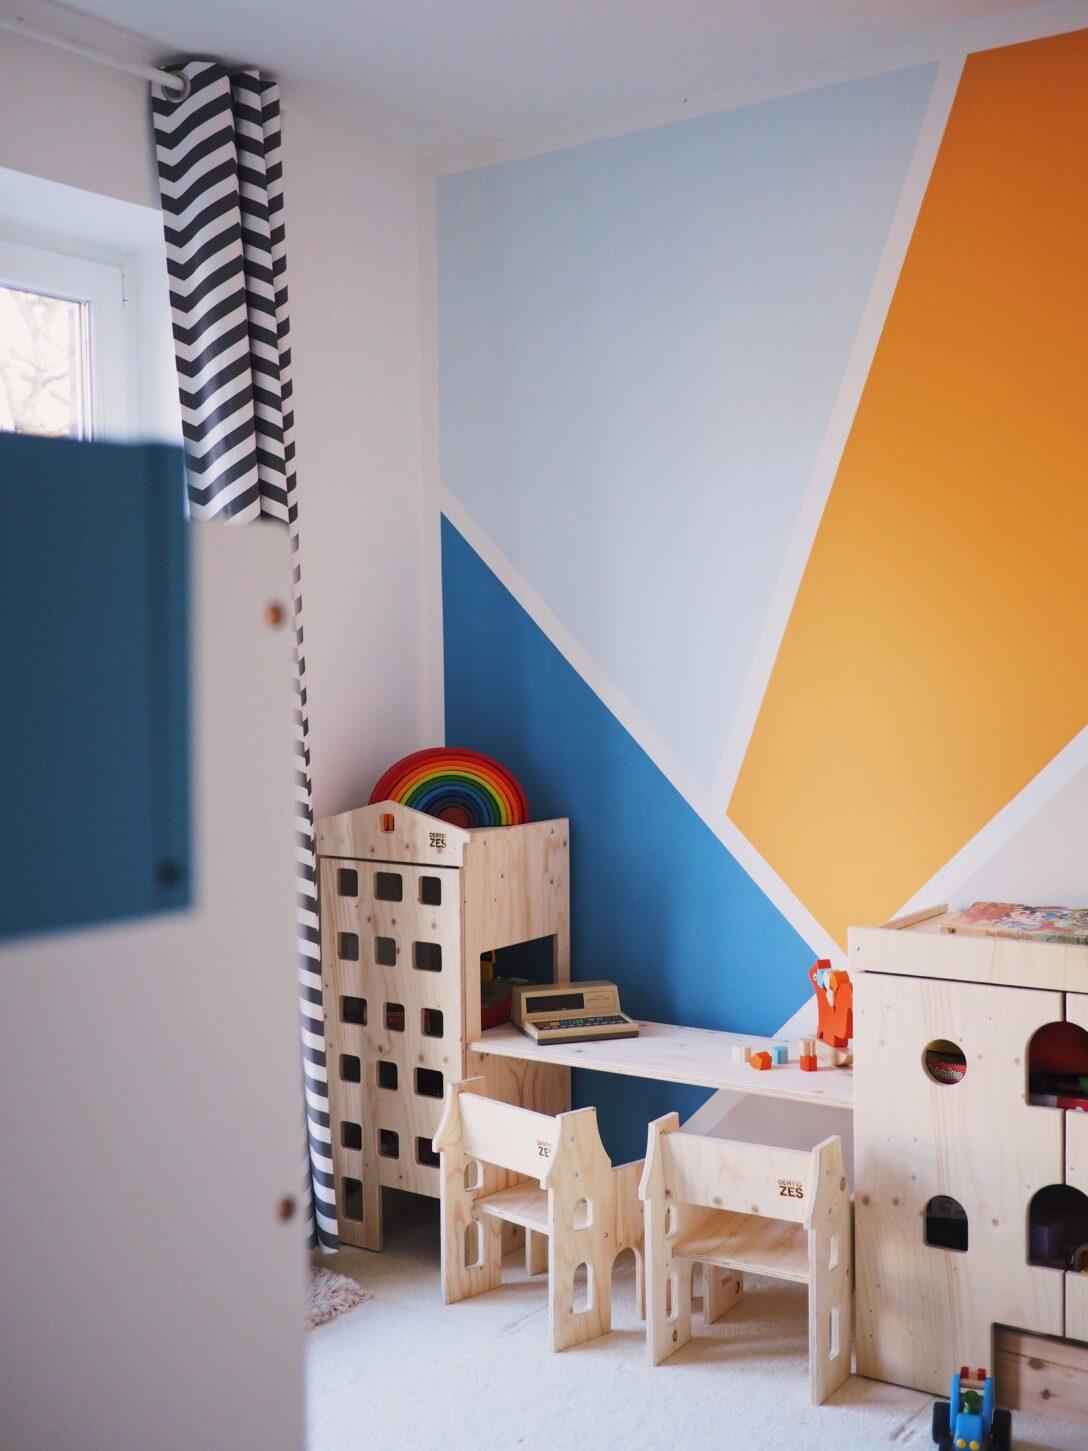 Large Size of Wandgestaltung Kinderzimmer Jungen Im Eine Kunterbunte Regale Regal Sofa Weiß Wohnzimmer Wandgestaltung Kinderzimmer Jungen